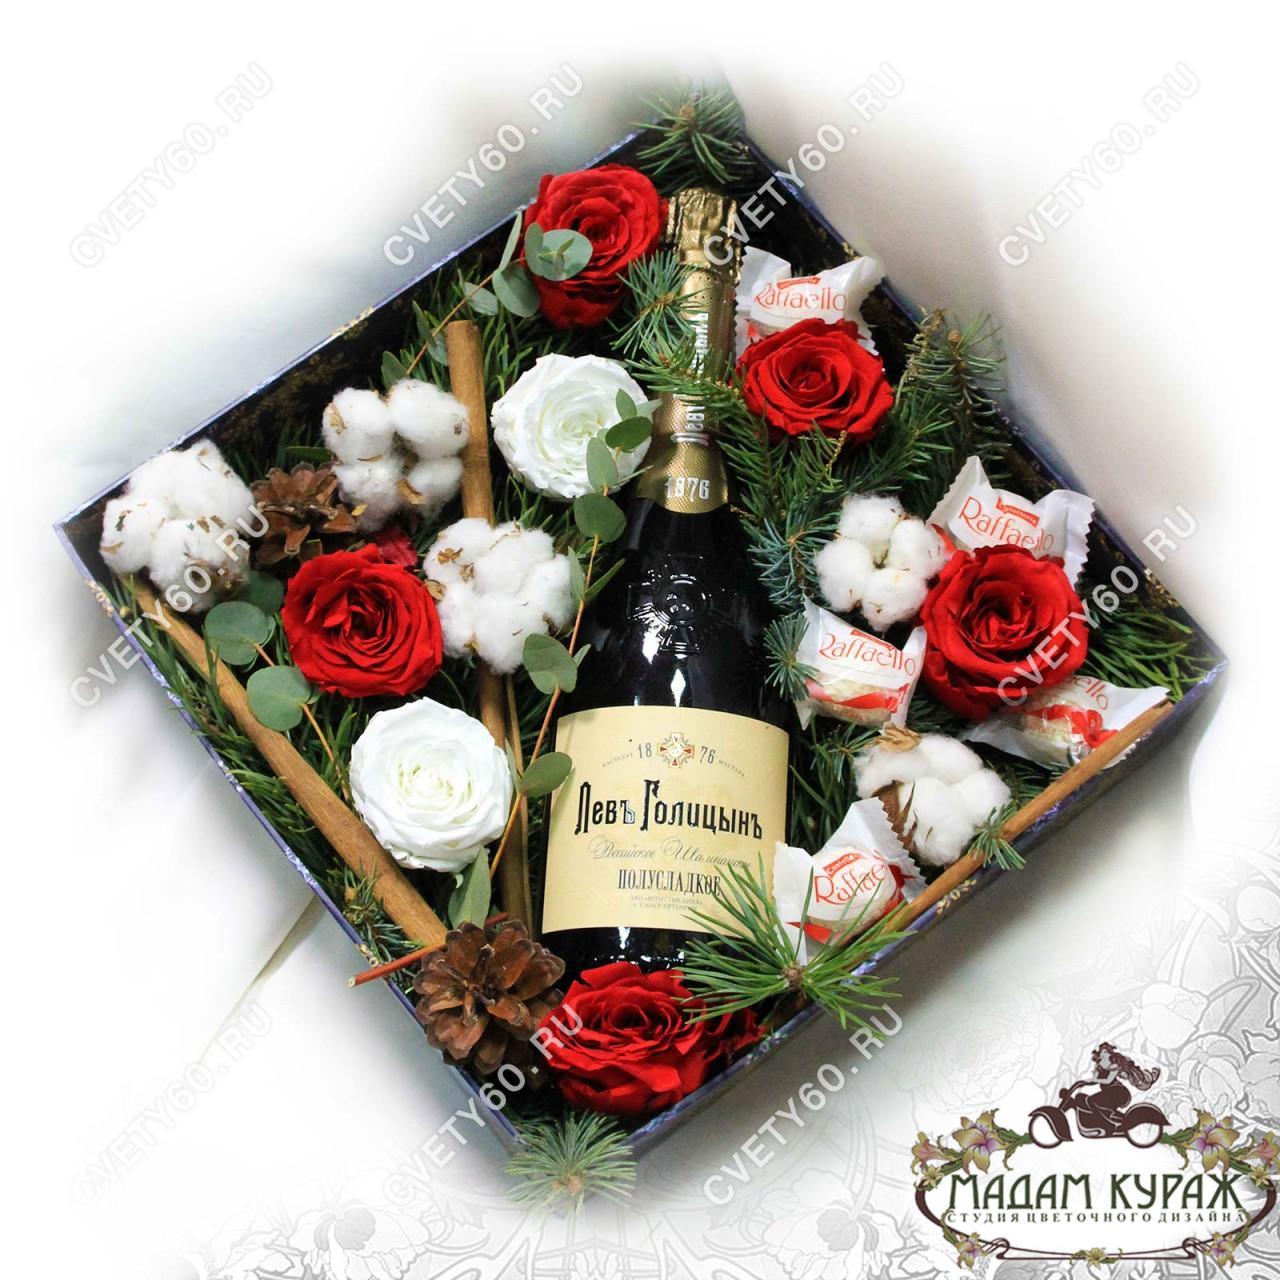 Новогодние подарки в Пскове